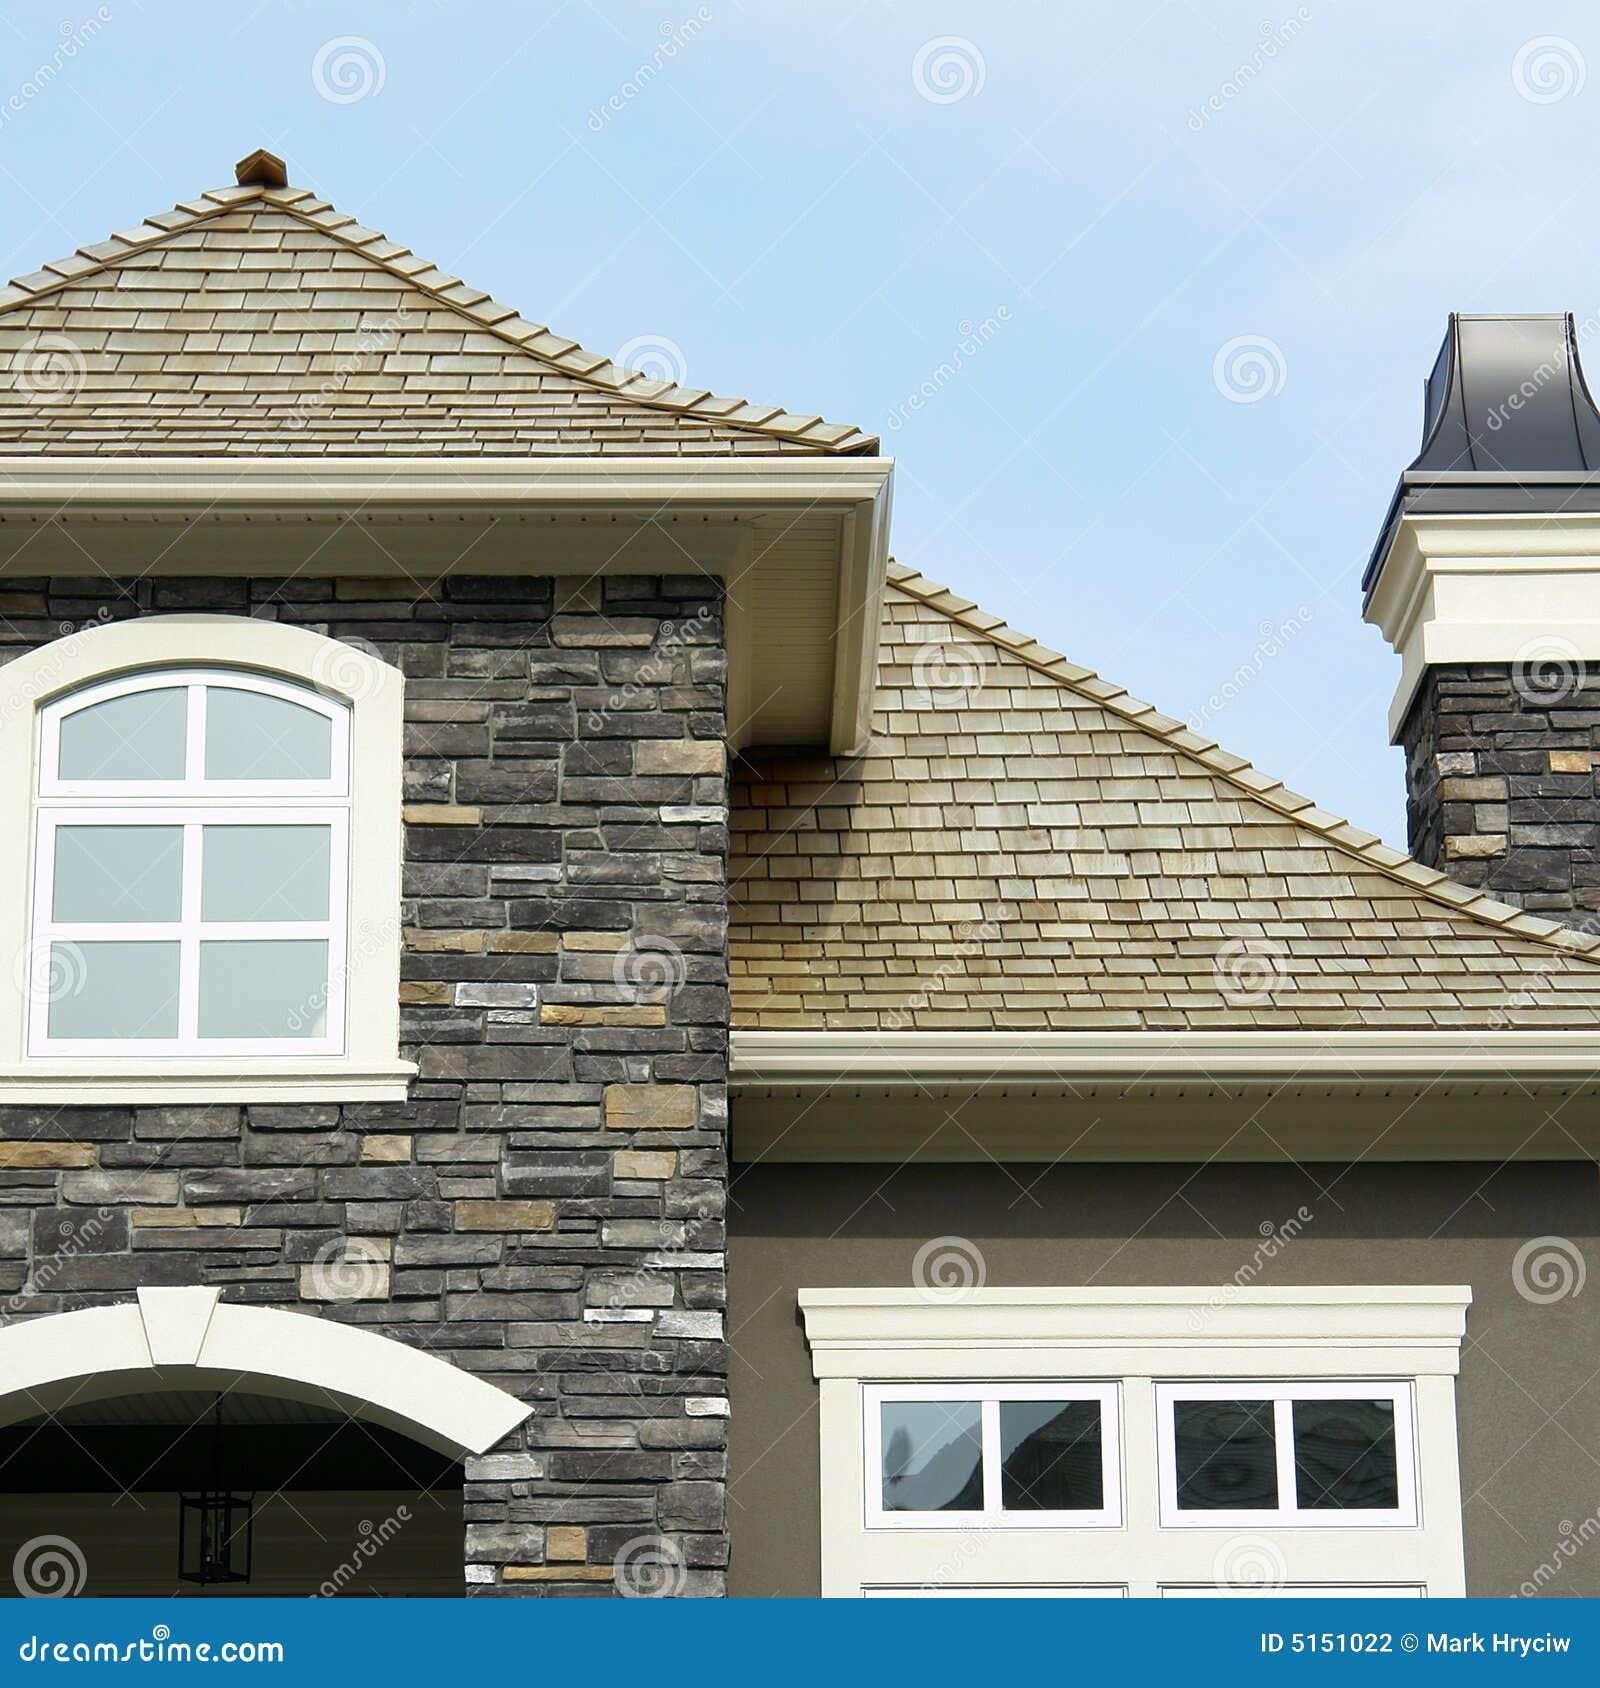 Home House Exterior Brick